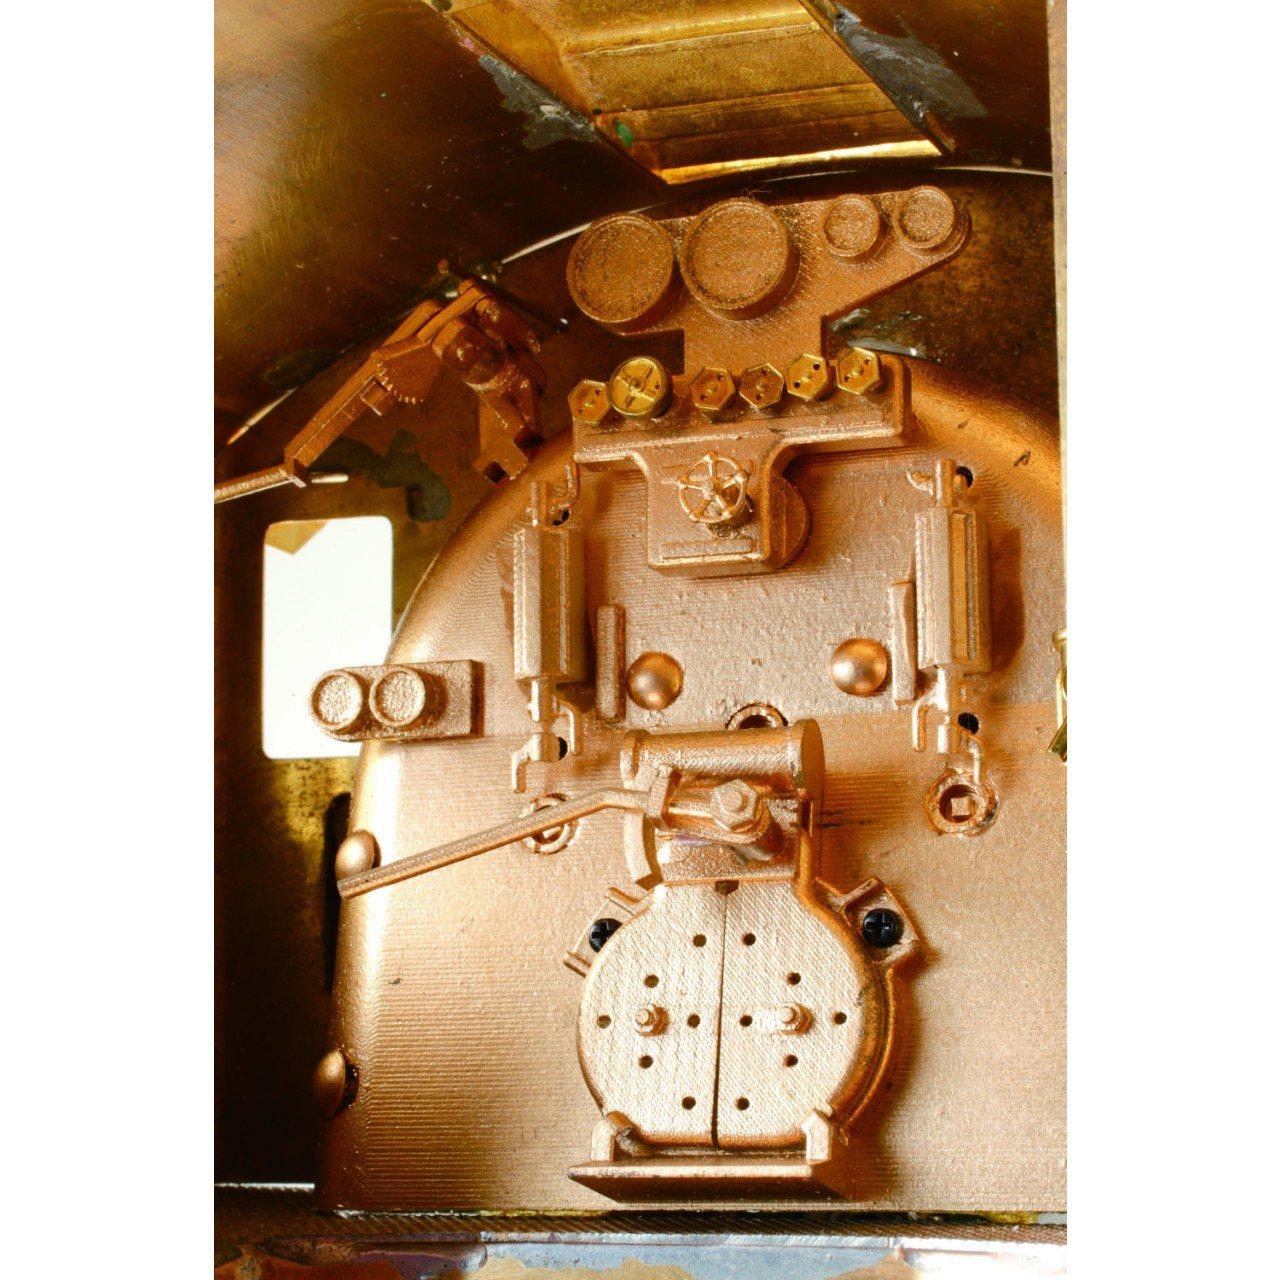 D51 200 Locomotive | 1:24 Model | Full Kit